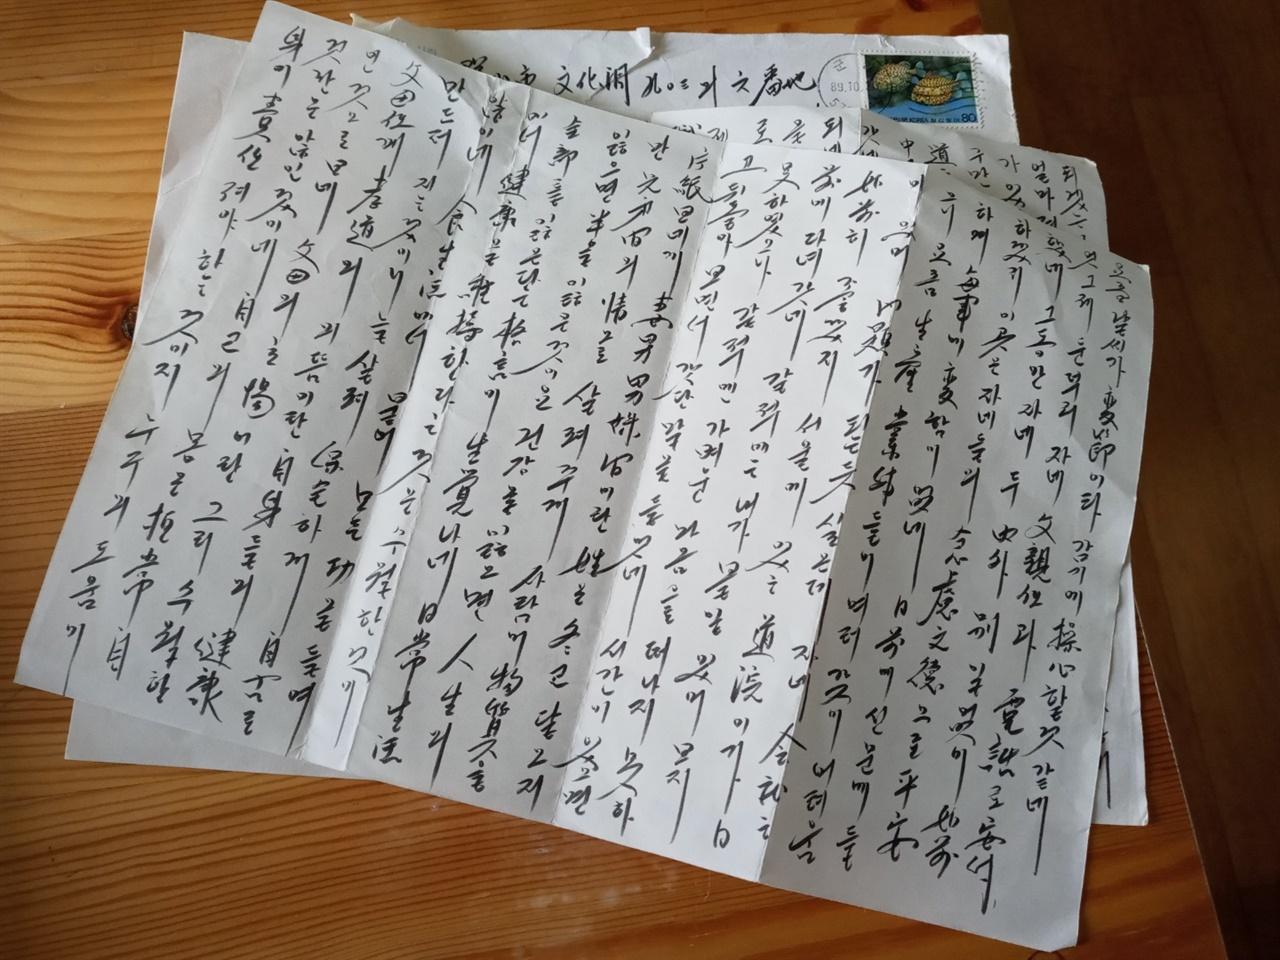 사위에게 보낸 아빠의 편지. 30년이 넘은 편지인데 글씨가 아빠의 성품같이 곧고 반듯하다.